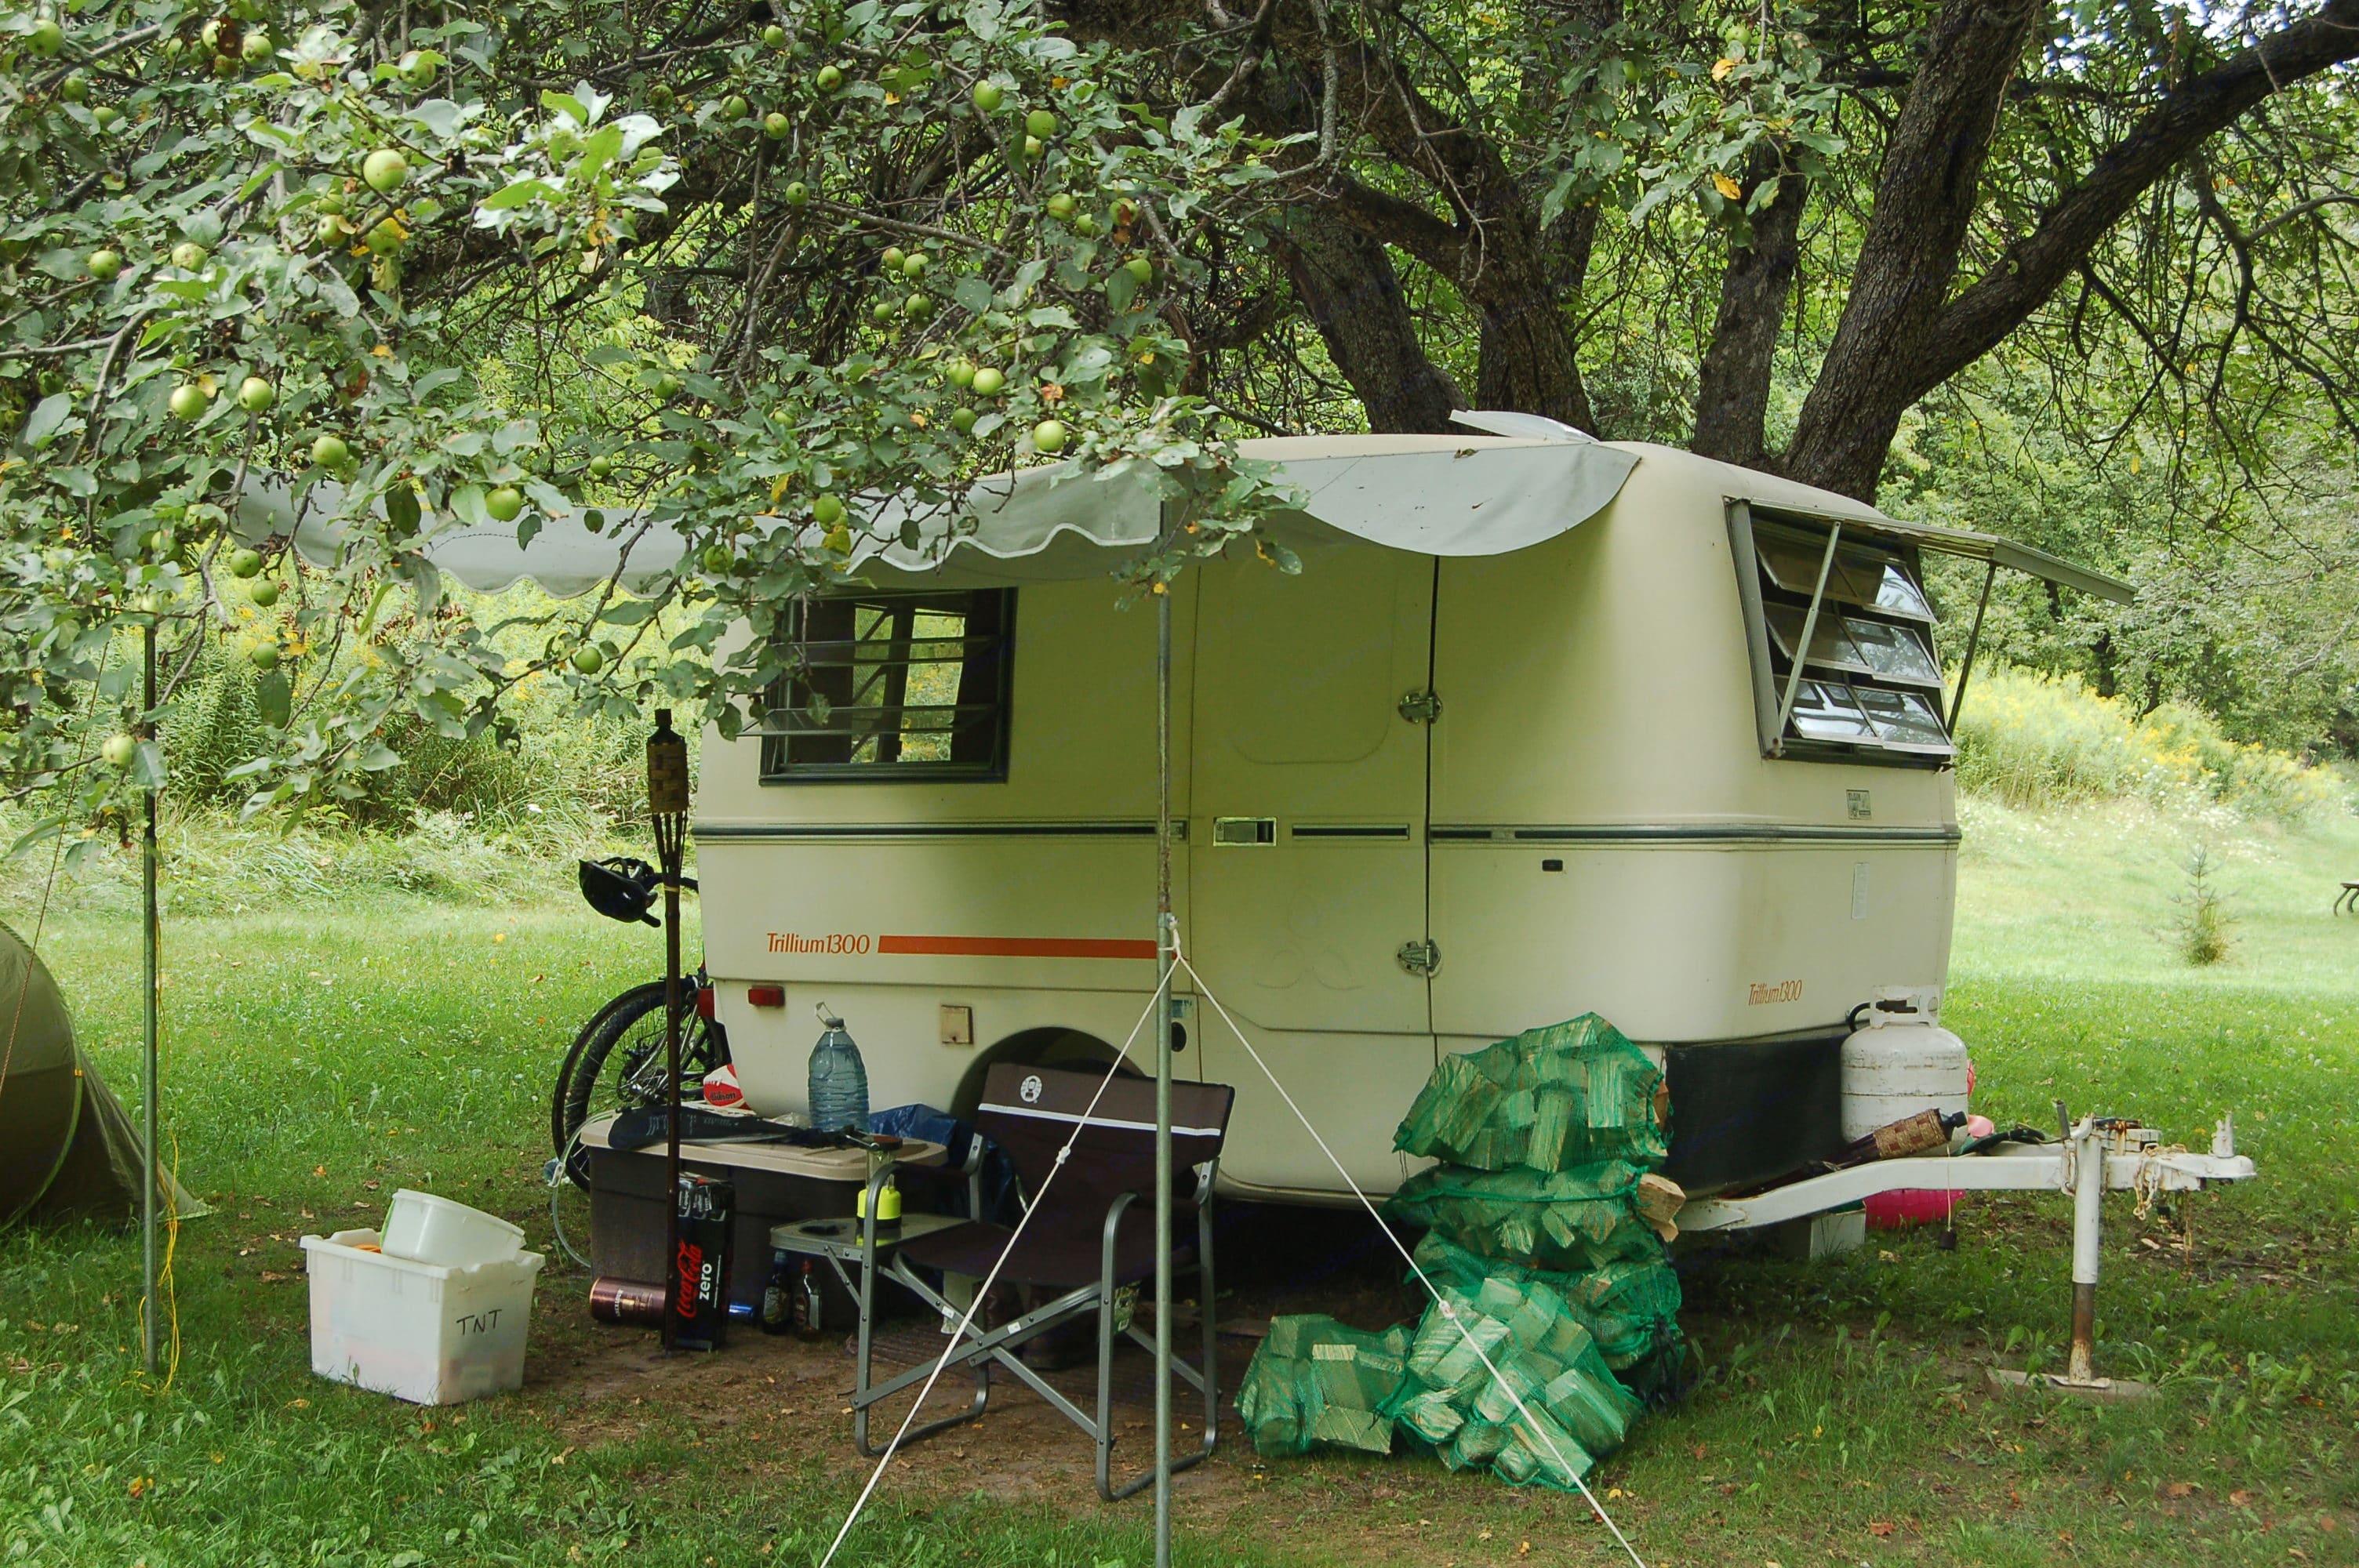 Camping in Albion Hills. Trillium Rv 1300 1981